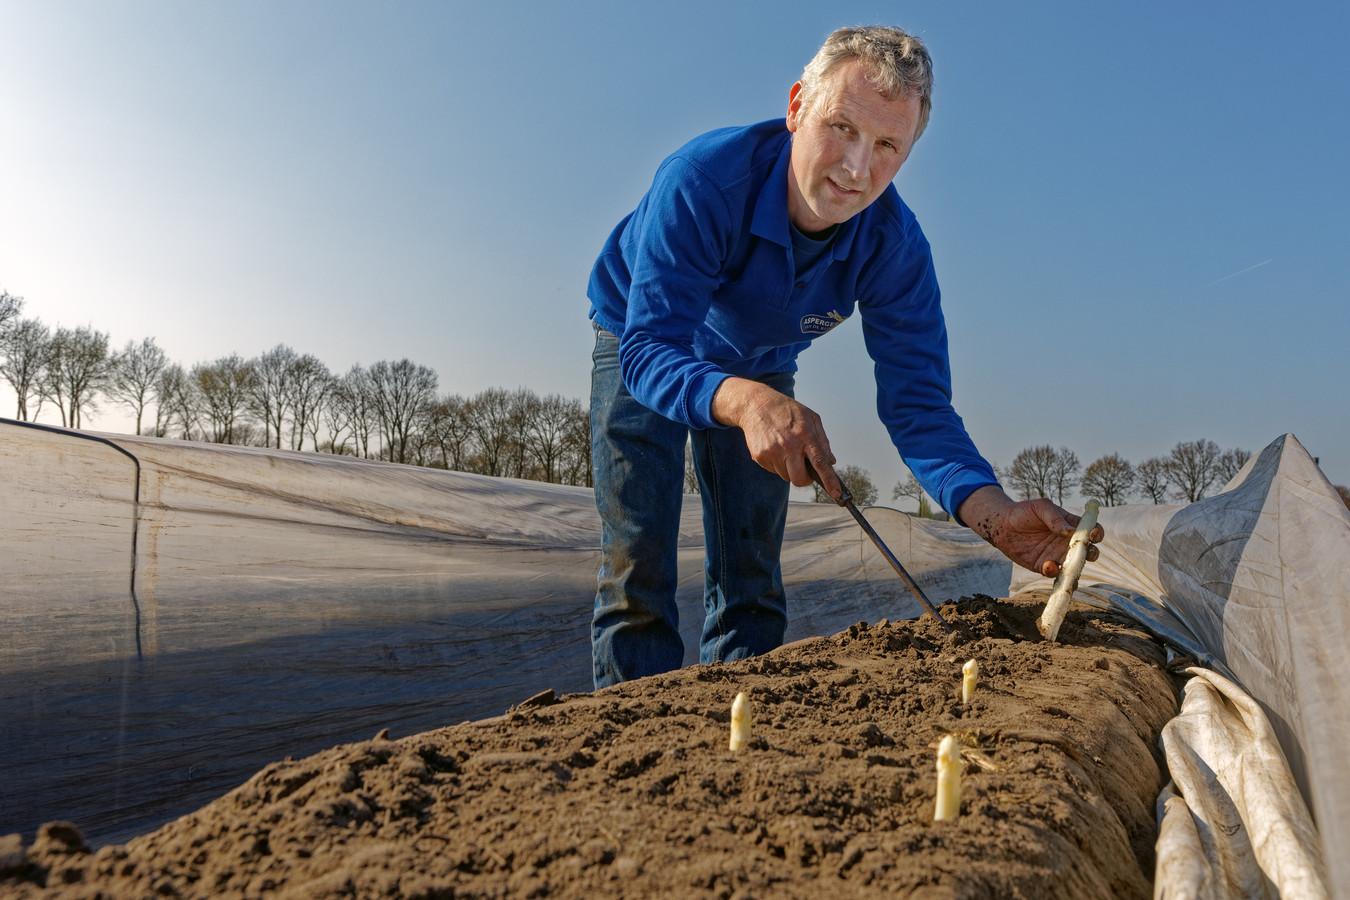 Aspergeteler Marco van Aart uit Breda tussen zijn asperges.